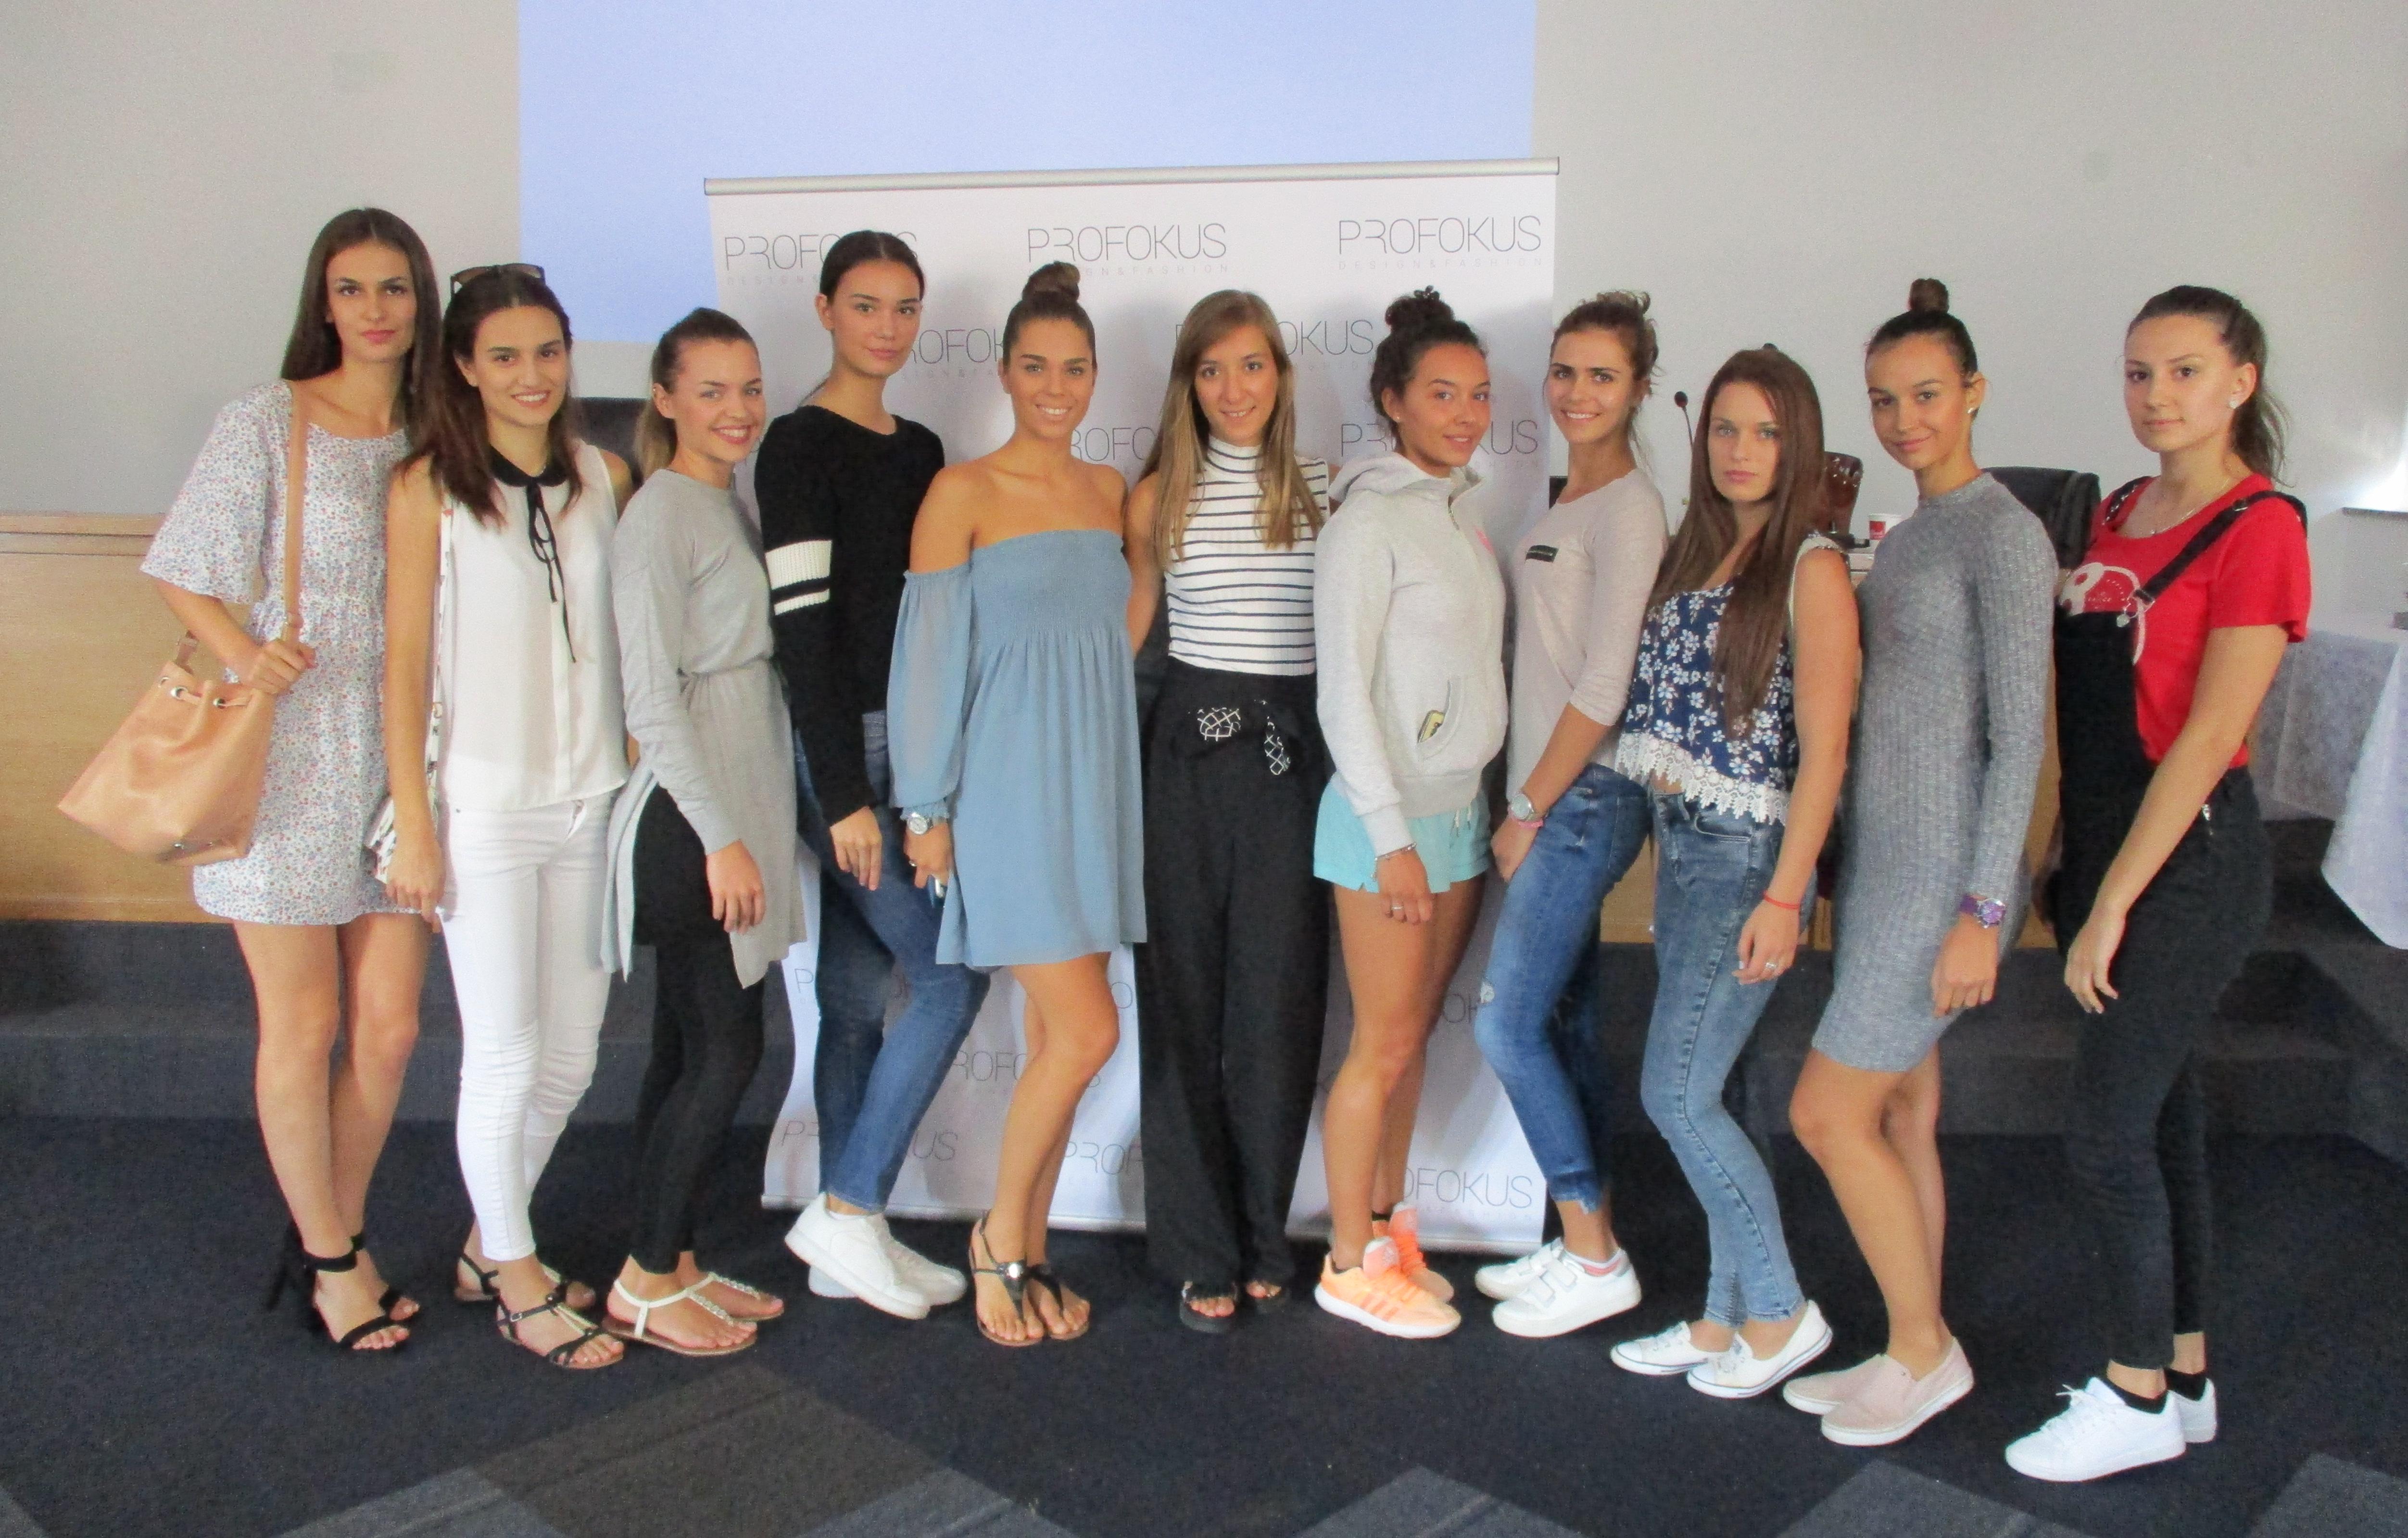 Edukacija s Kristinom Atletić, glavnim vizažistom izbora za Miss Hrvatske - Učilište Profokus